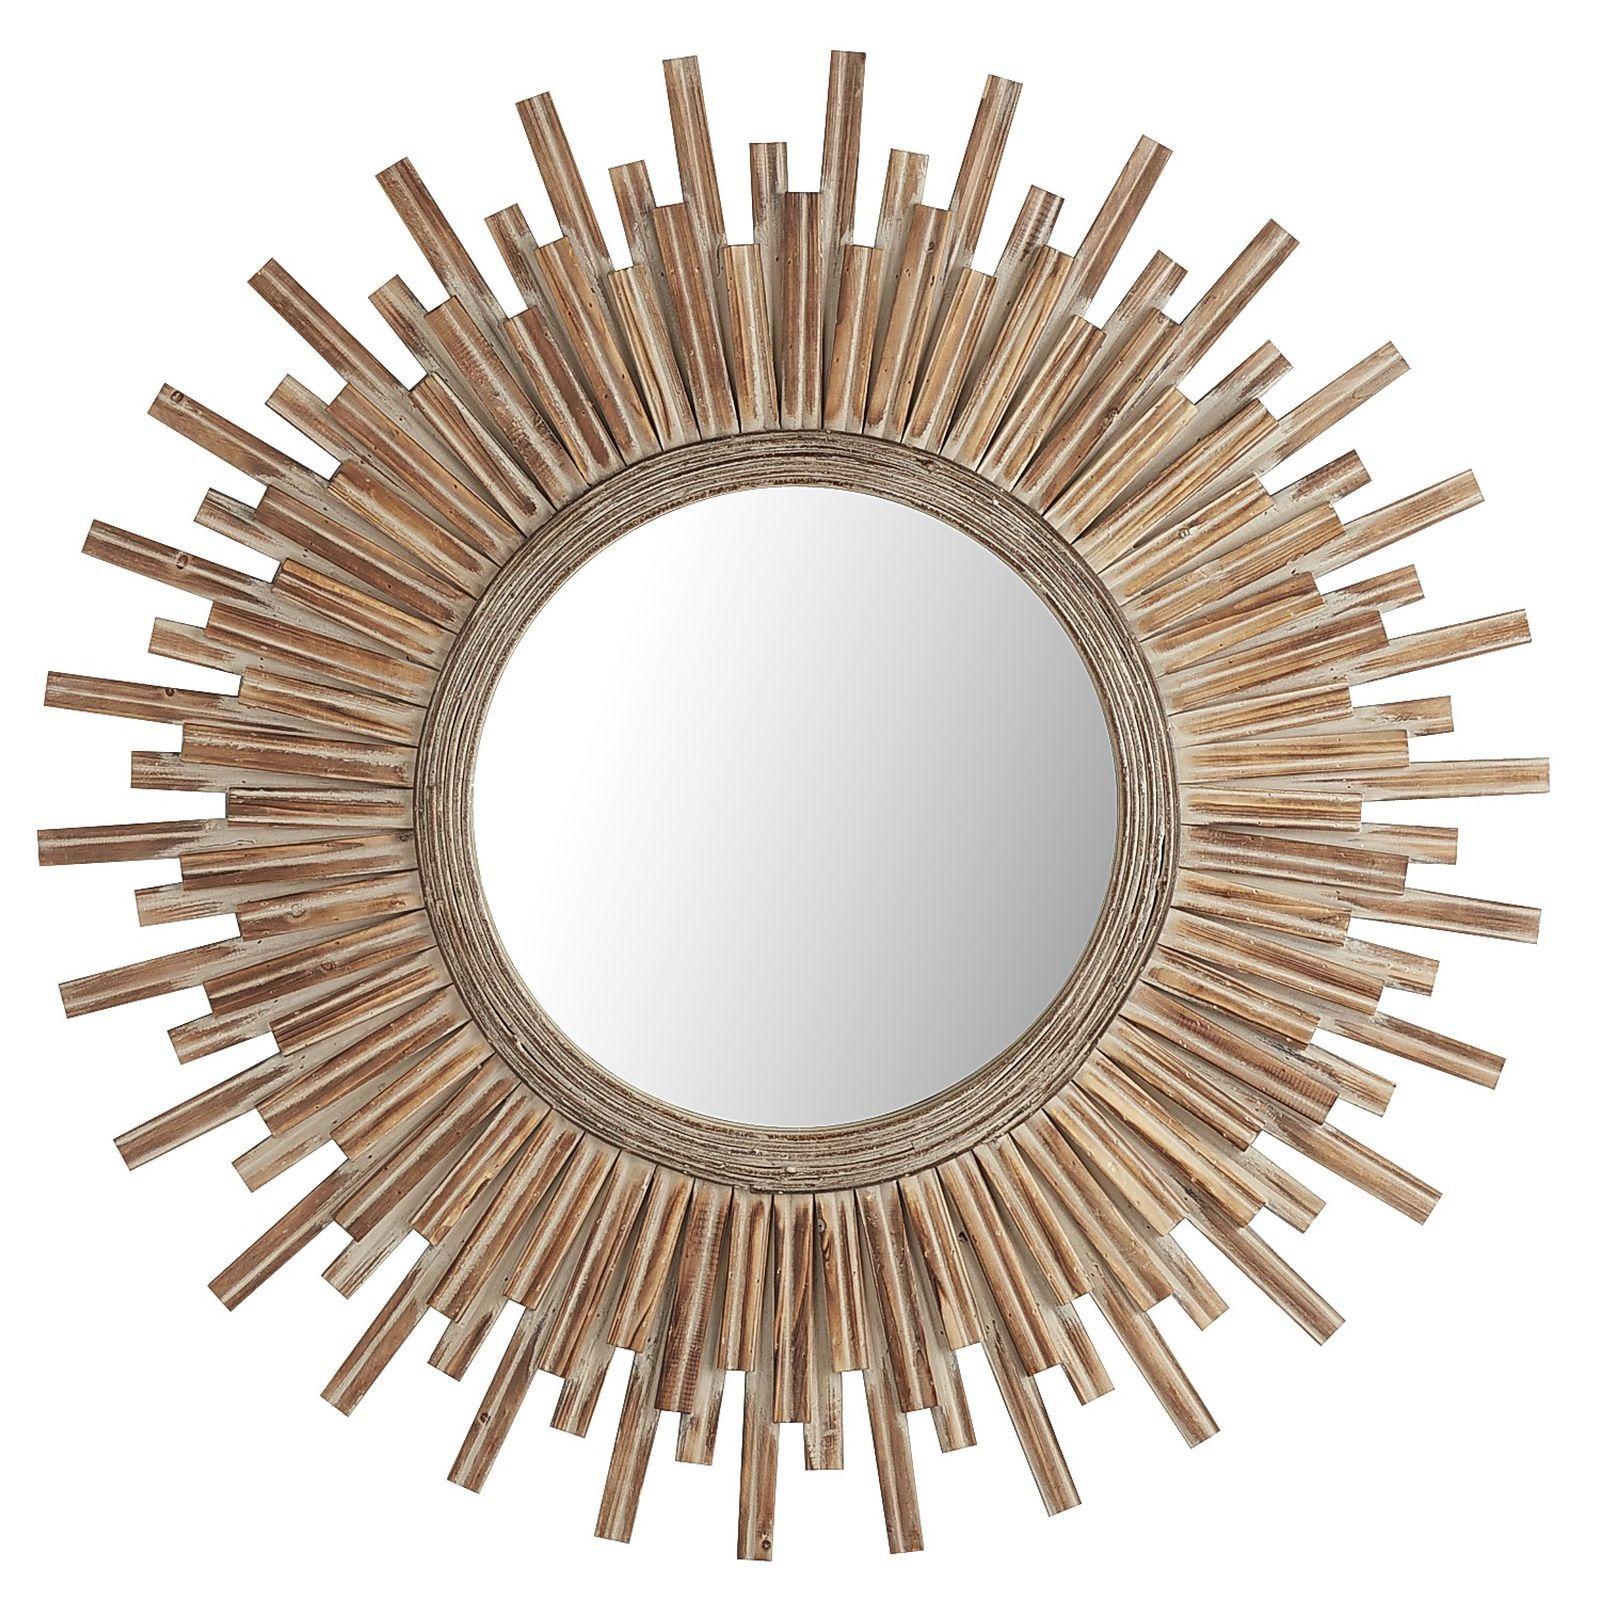 canyon 42 round mirror - Round Decorative Mirror